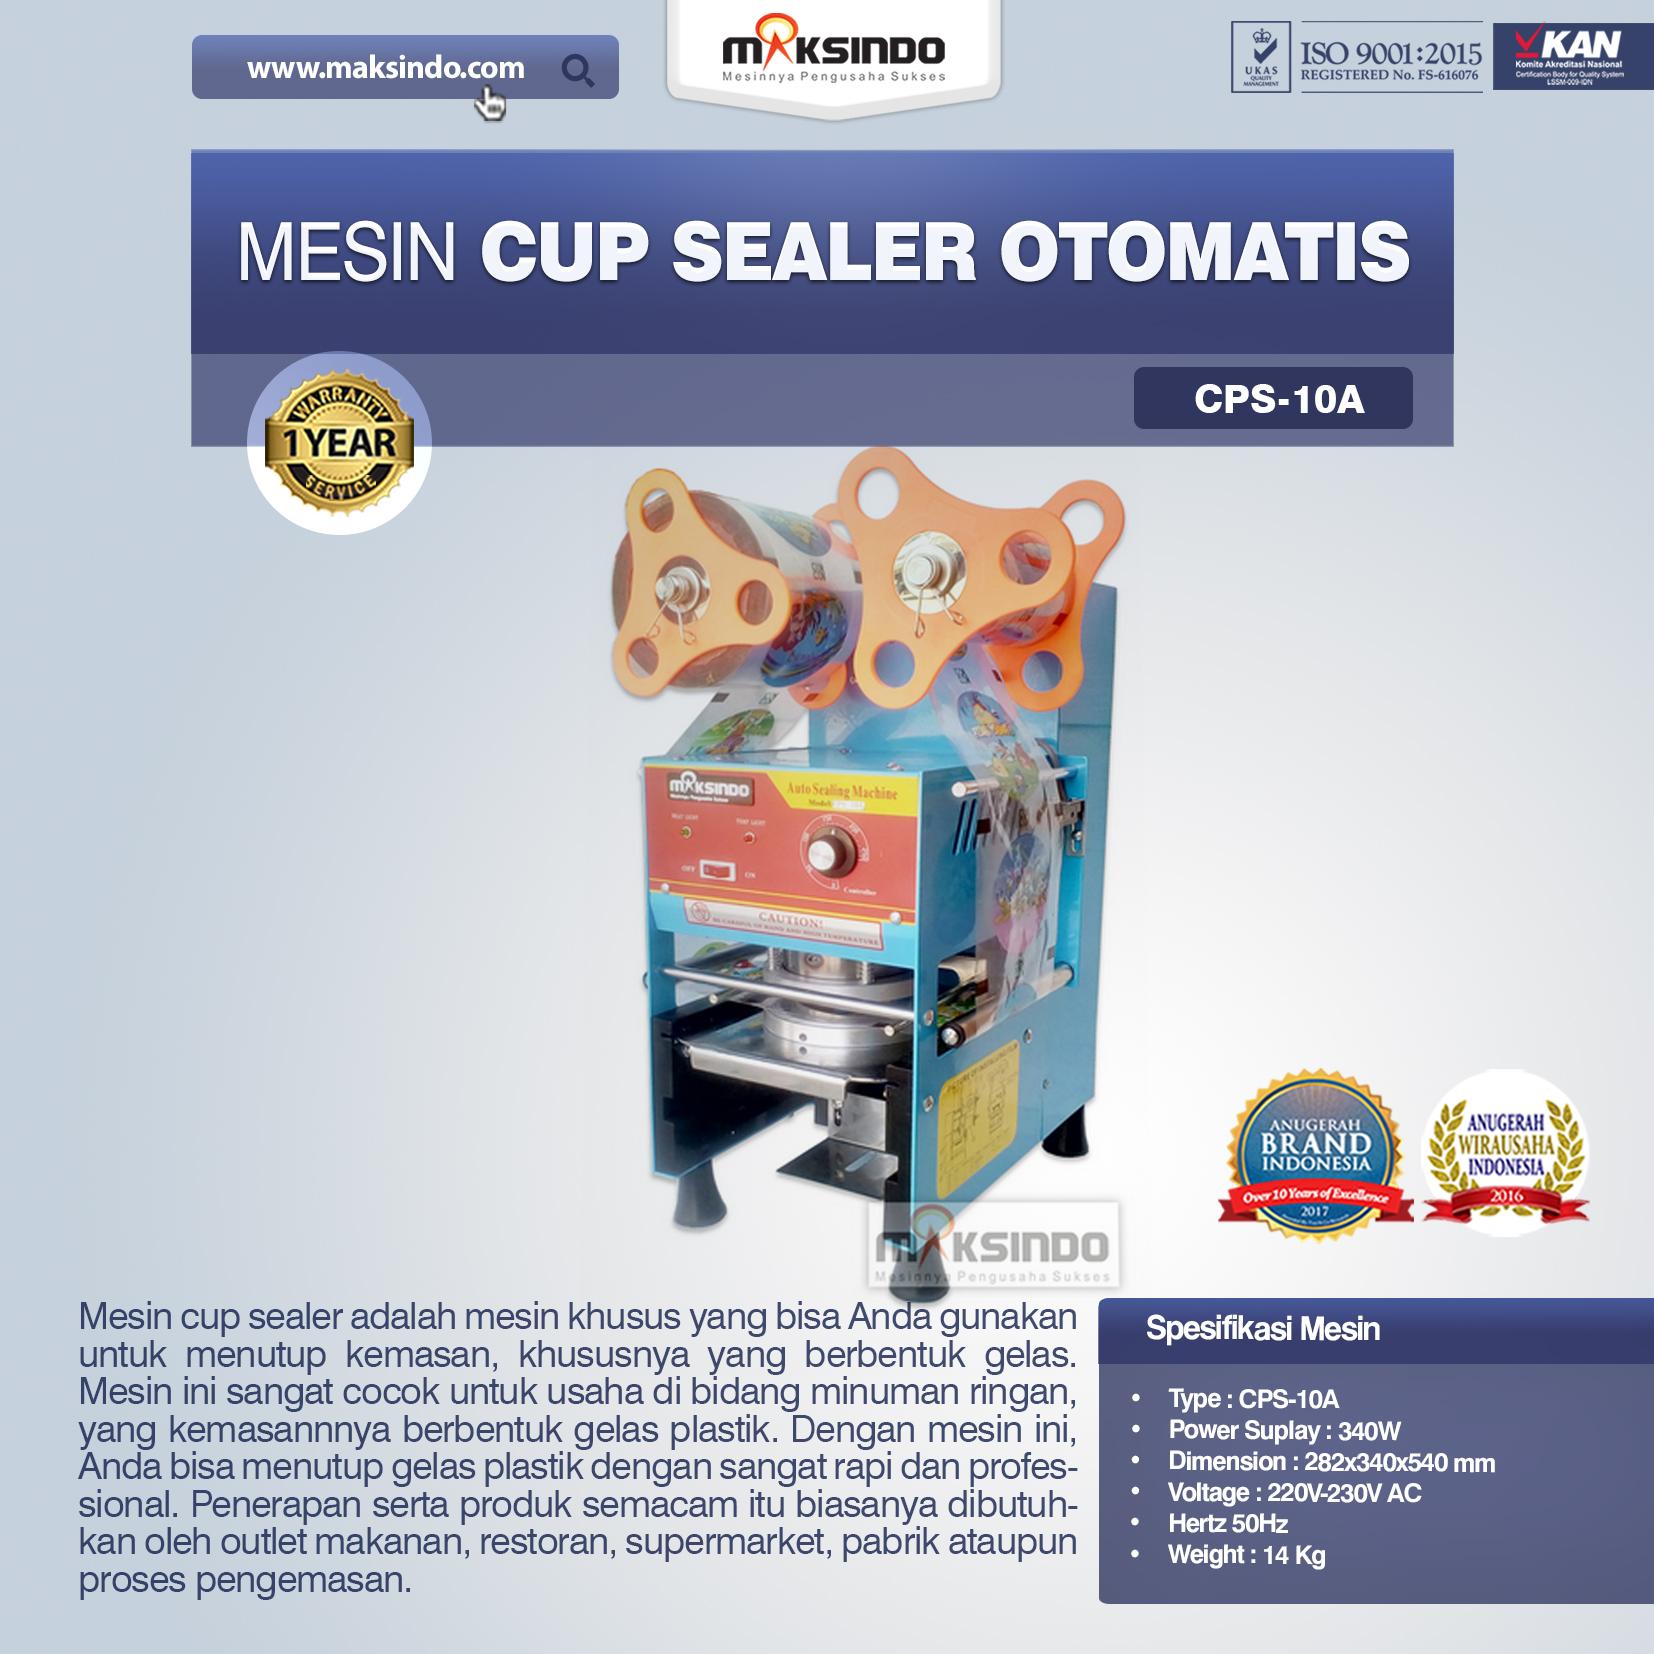 Jual Jual Mesin Cup Sealer Otomatis (CPS-10A) di Medan